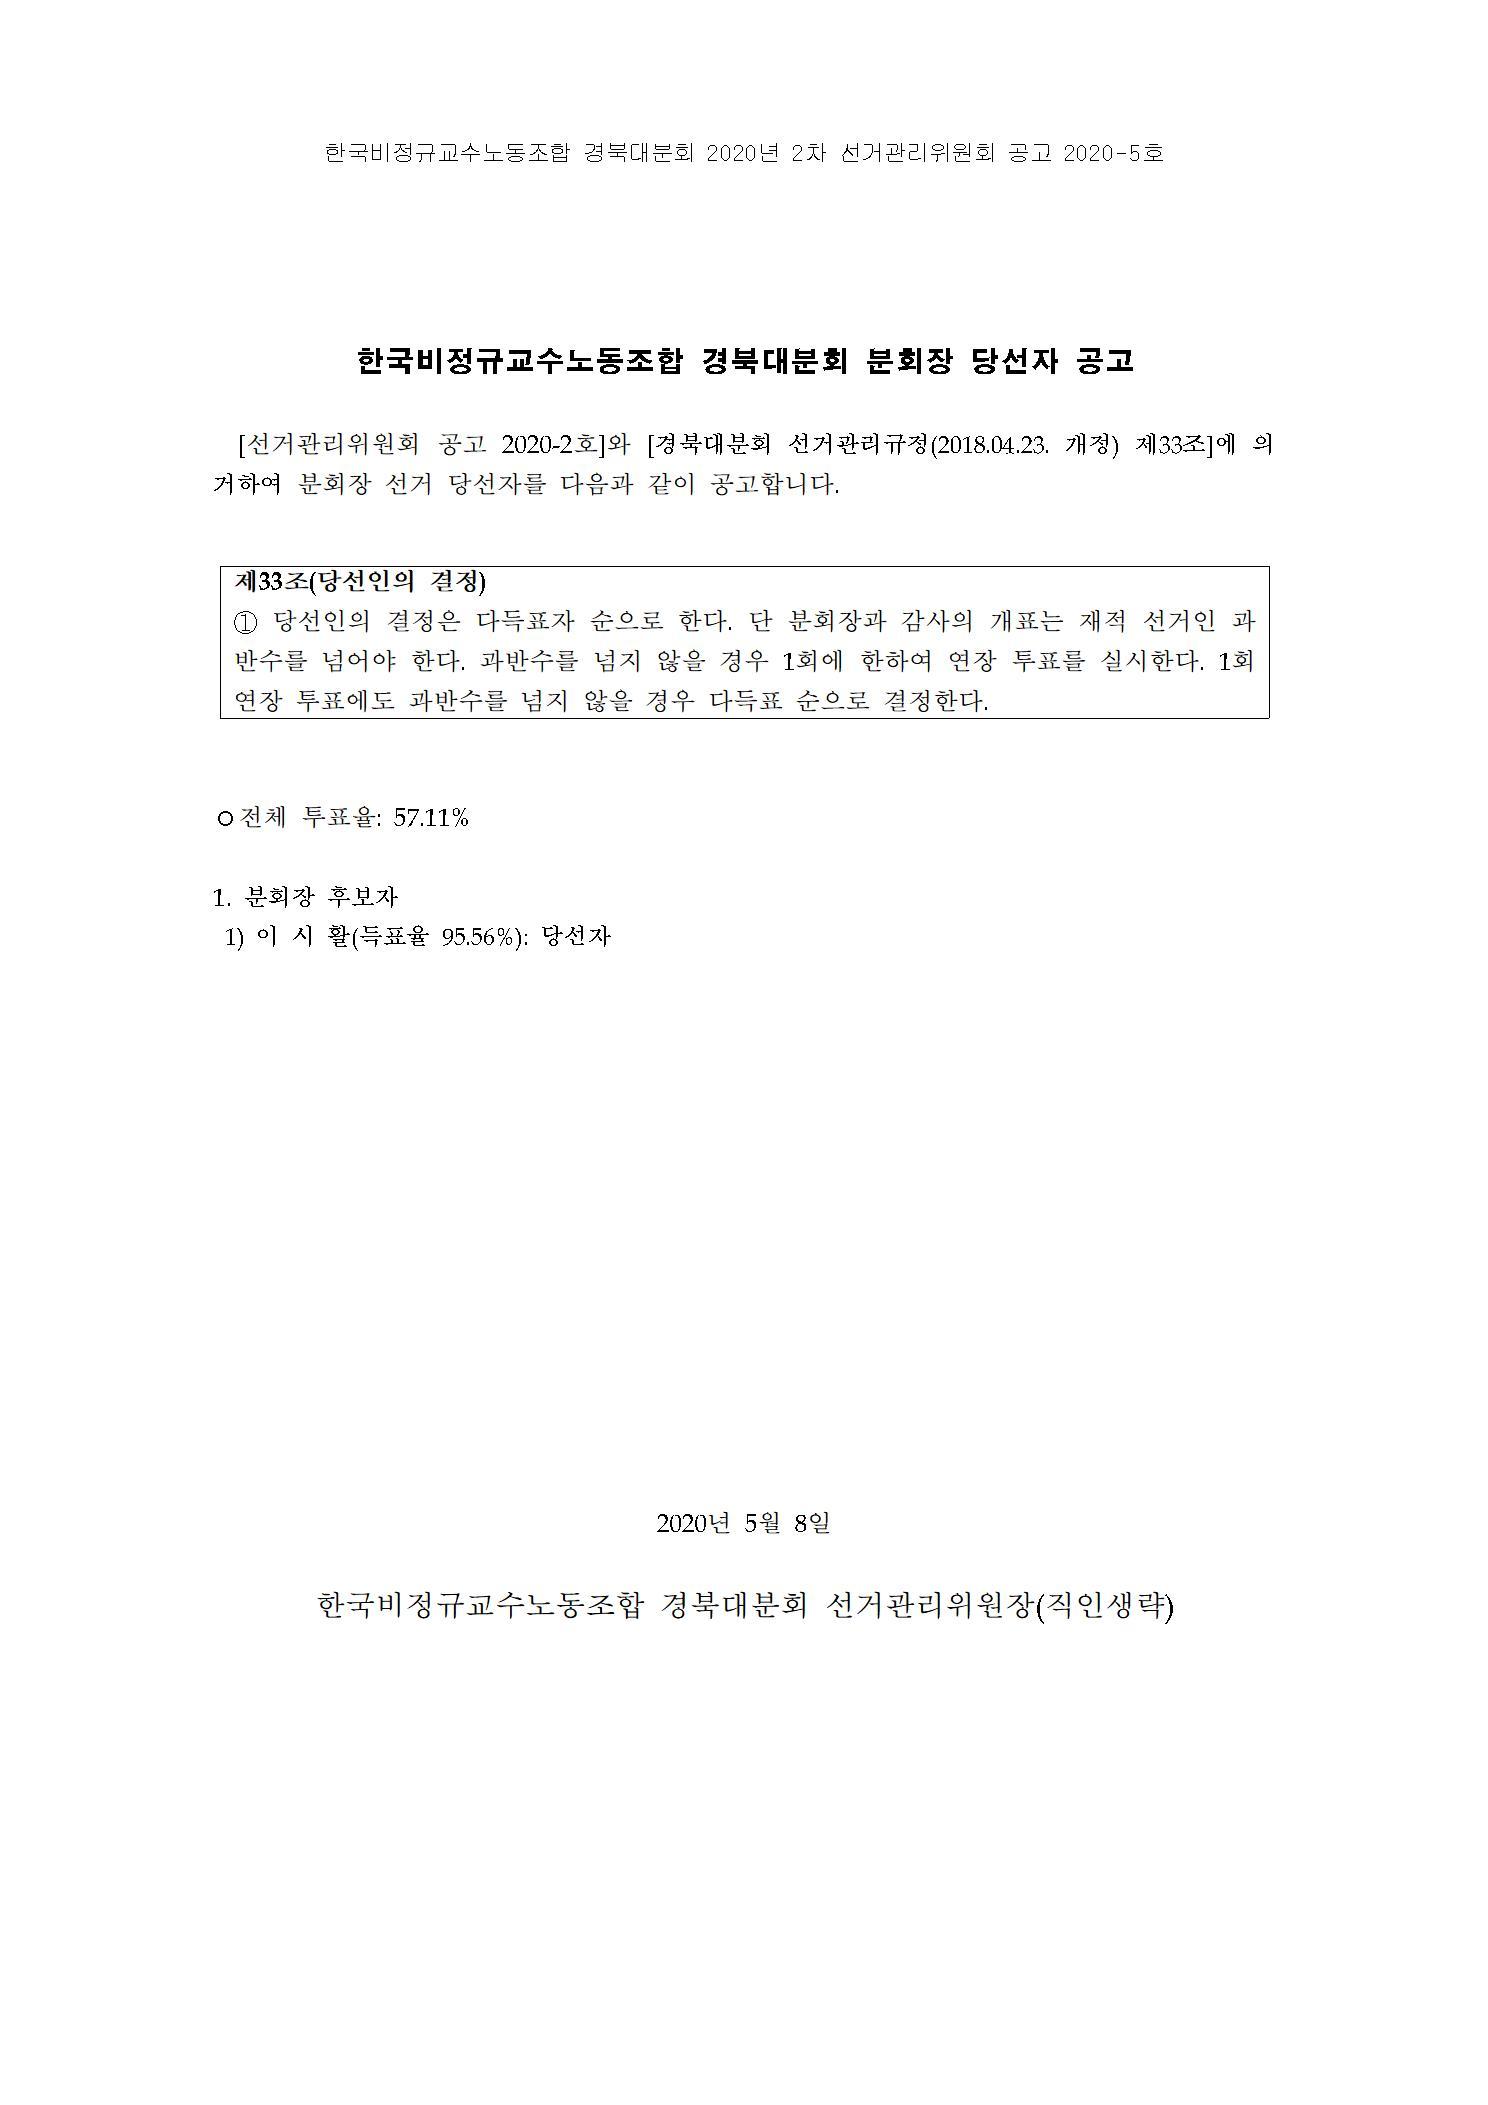 한국비정규교수노동조합 경북대분회 분회장선거 당선자 공고.jpg